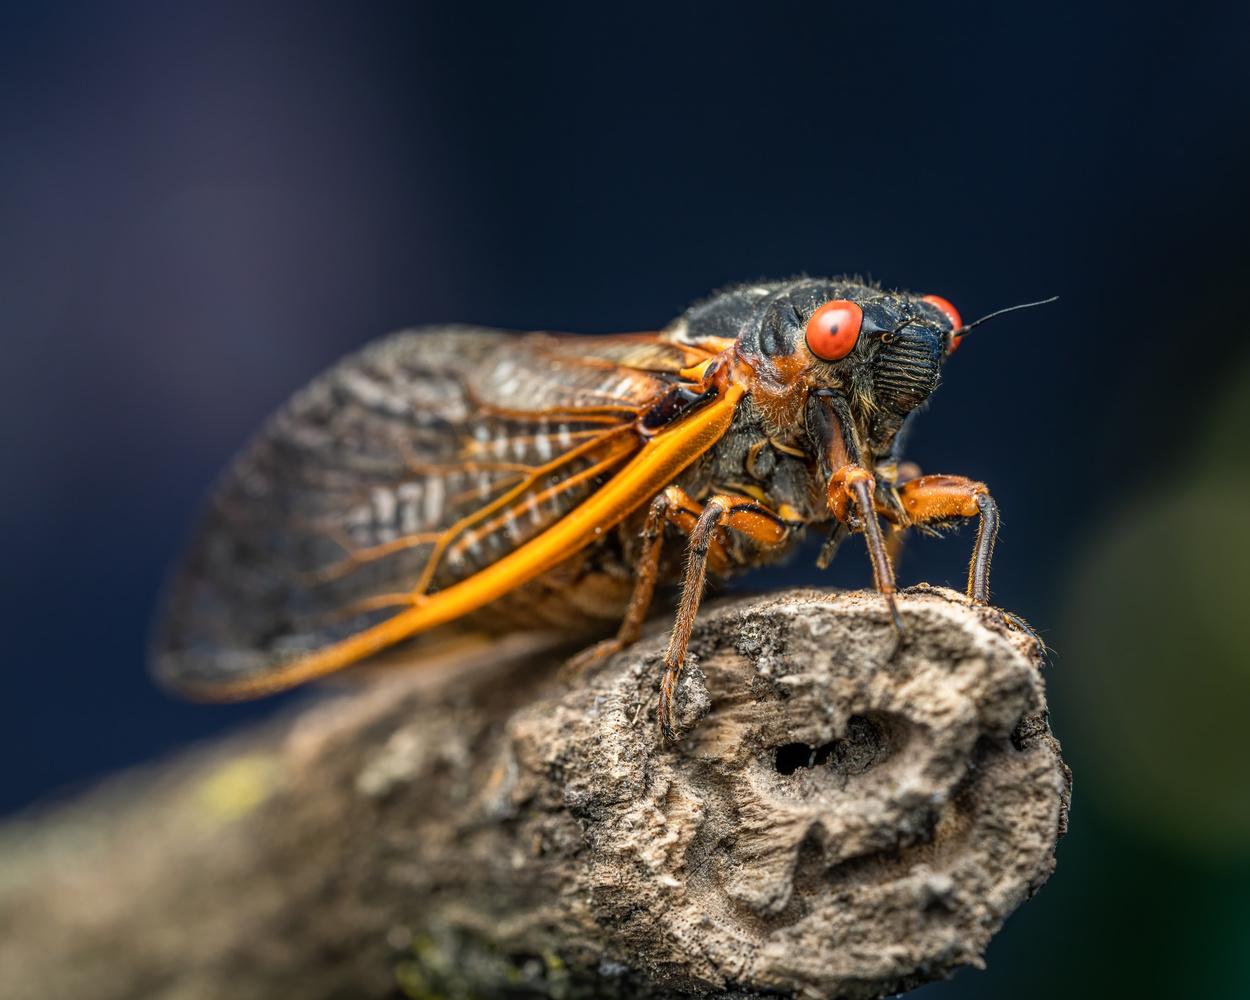 Cicada by Skyler Ewing